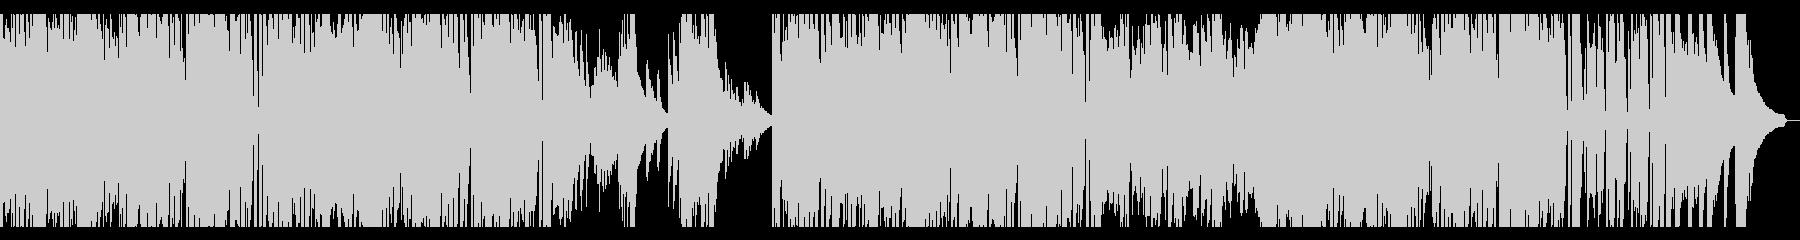 アップテンポでお洒落カワイイピアノソロの未再生の波形